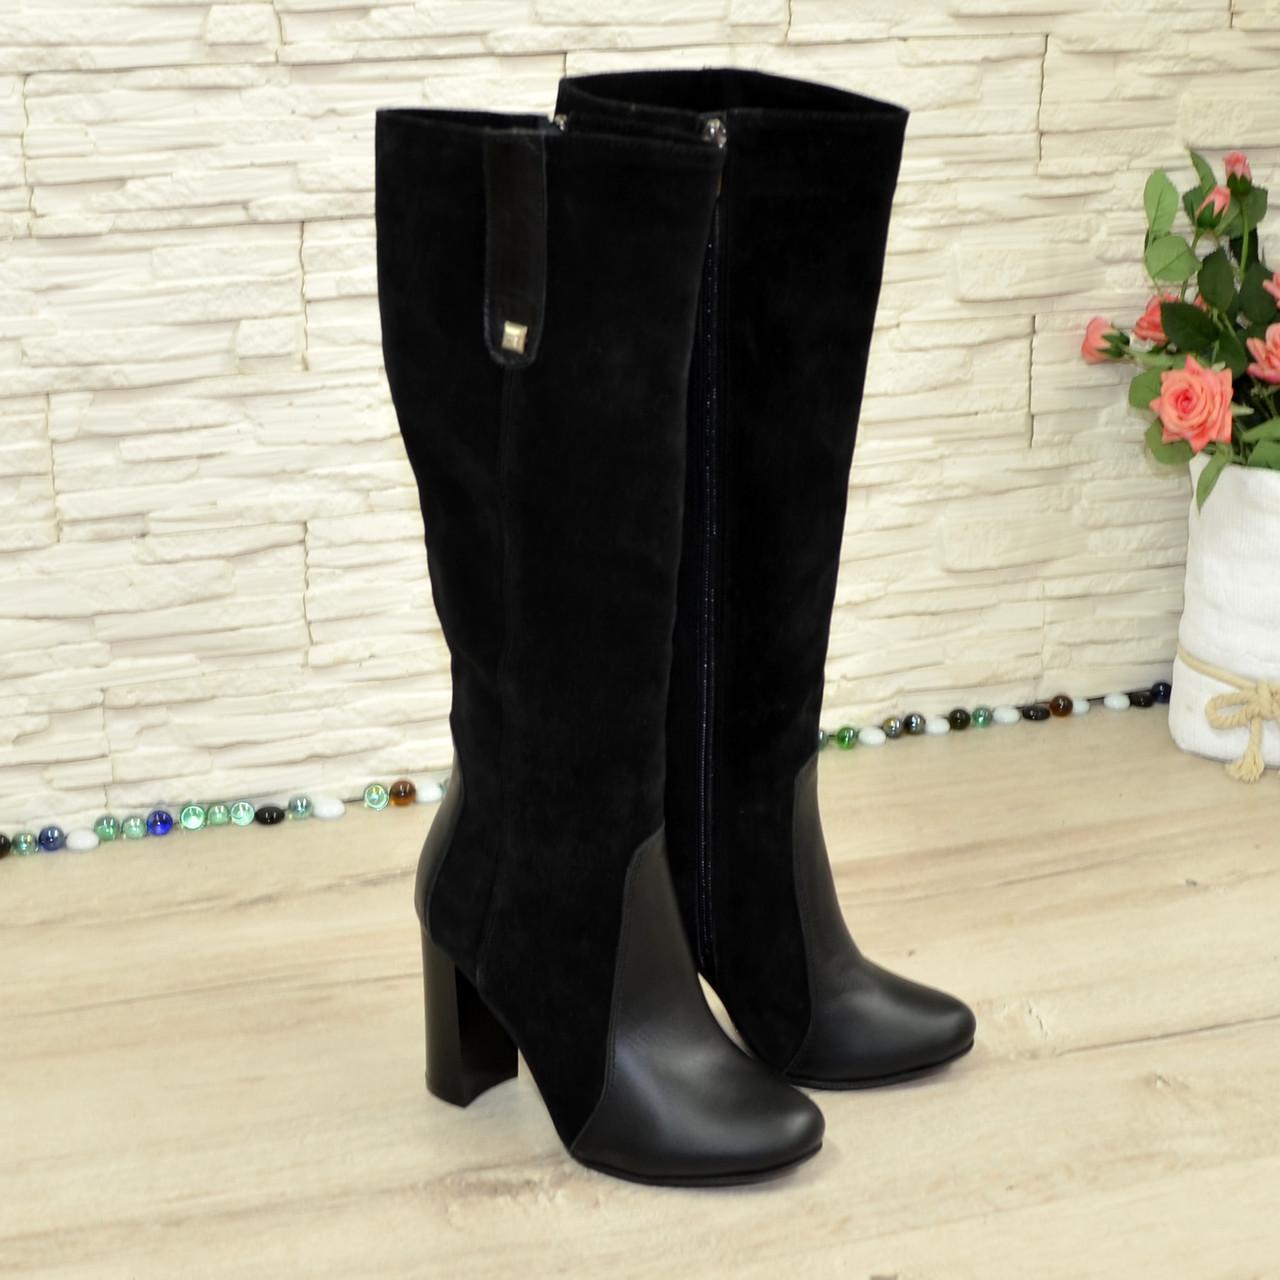 ca2ef7b2a 37 размер, фото 3 Женские зимние сапоги на устойчивом каблуке, цвет черный. 37  размер, фото 4